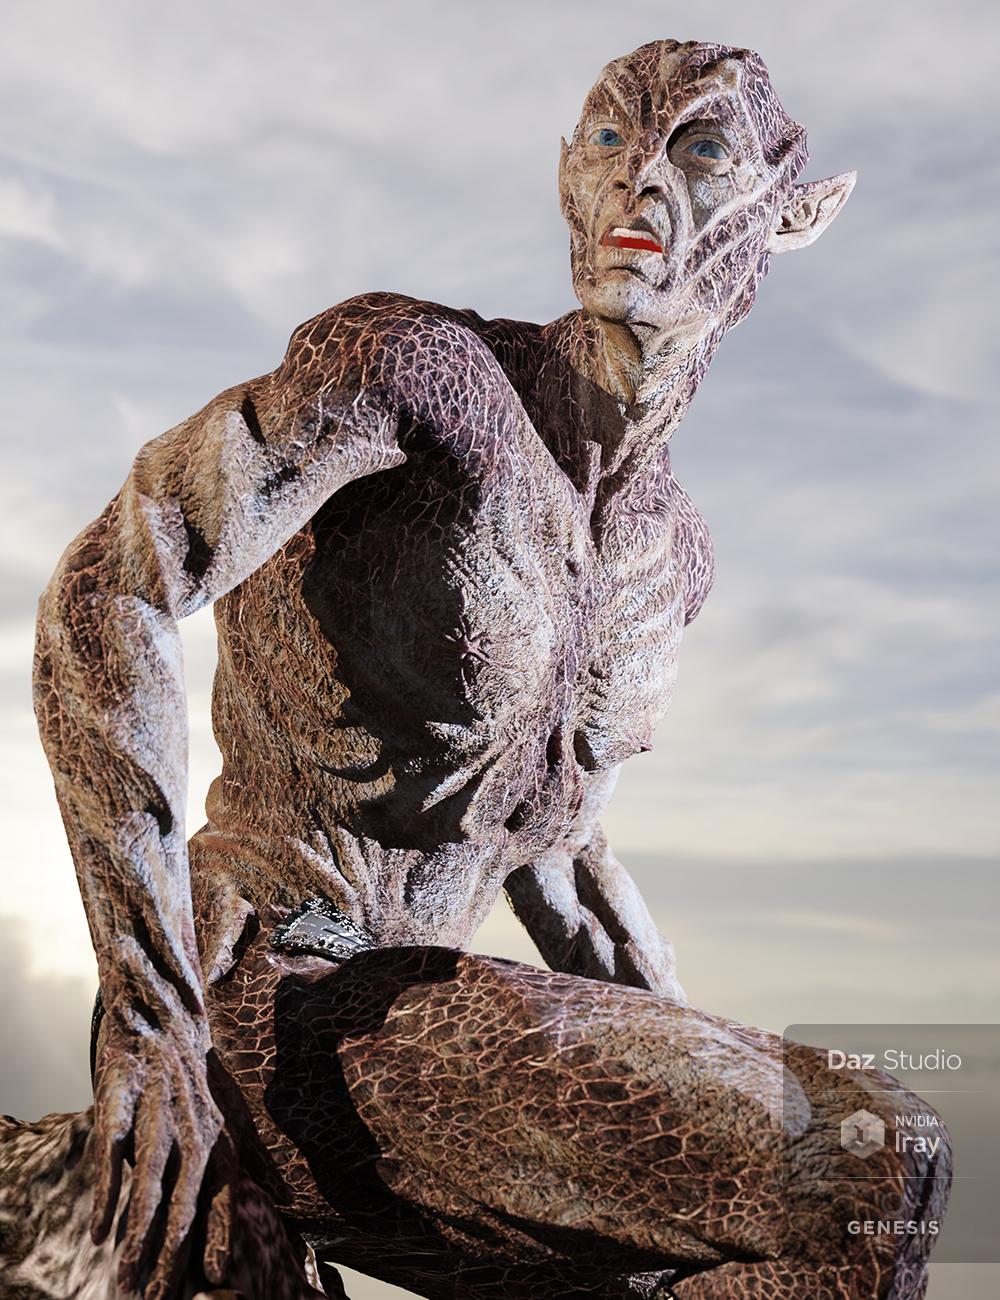 Oumua HD Alien Creature for Genesis 8 Male by: Sixus1 Media, 3D Models by Daz 3D